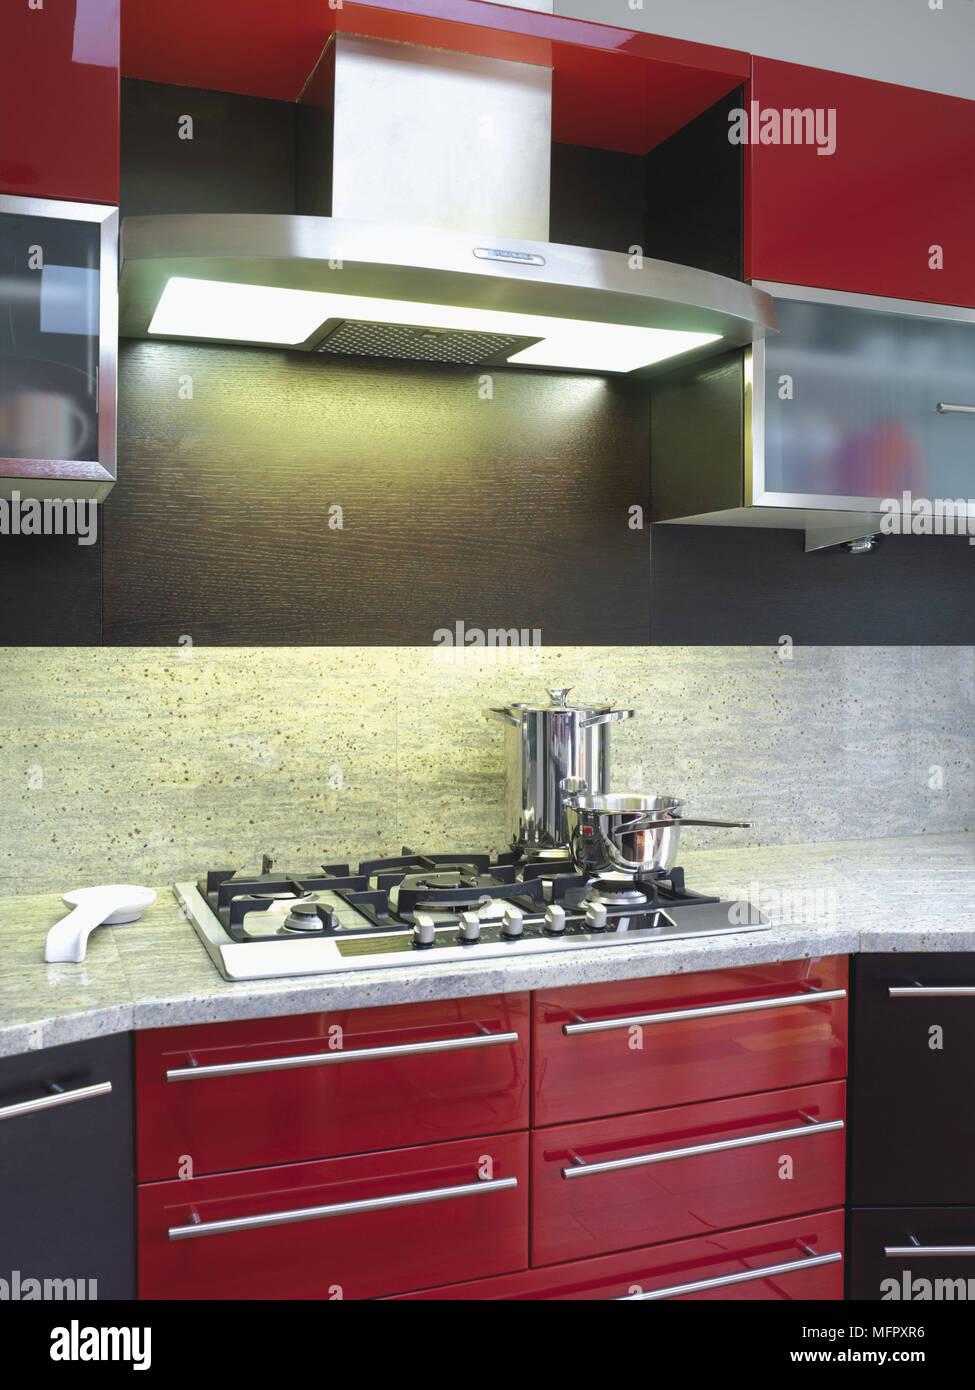 Kochfeld inmitten einer Arbeitsplatte in roten und schwarzen Küche ...